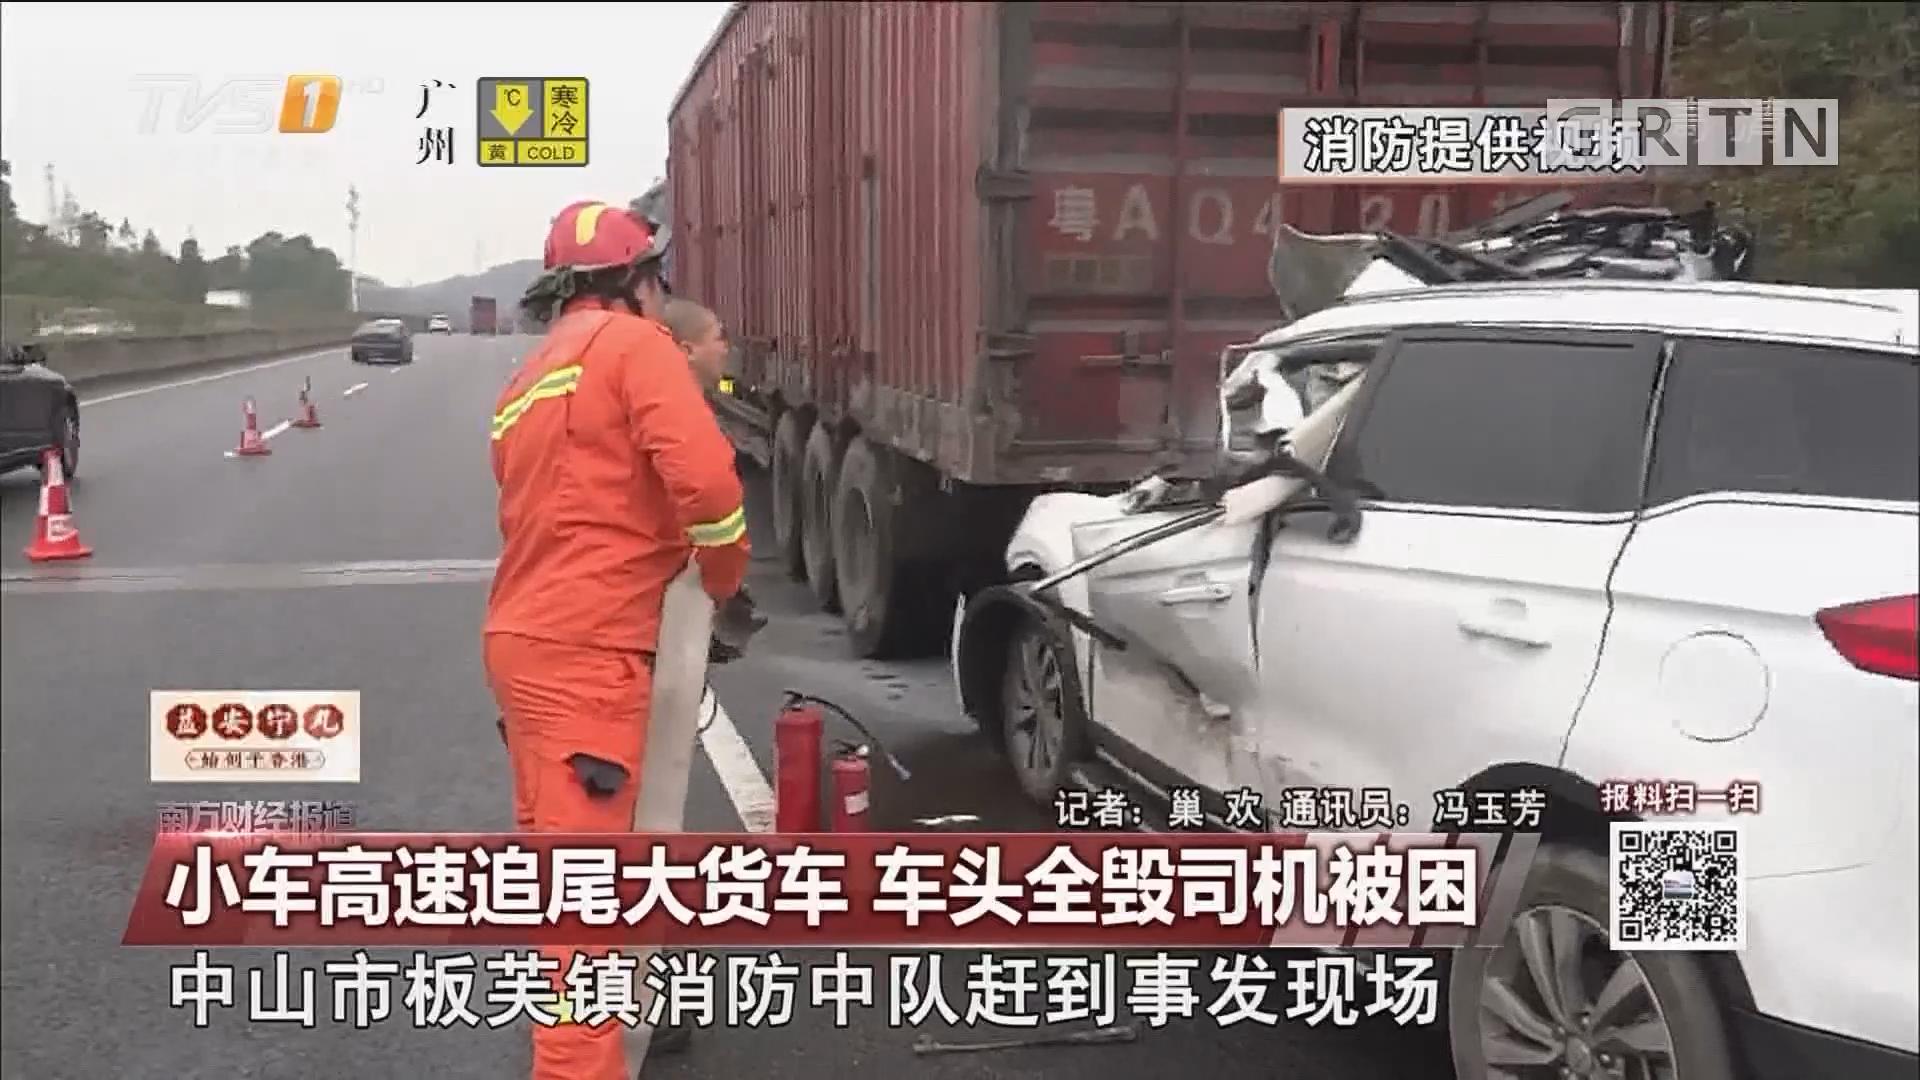 小车高速追尾大货车 车头全毁司机被困